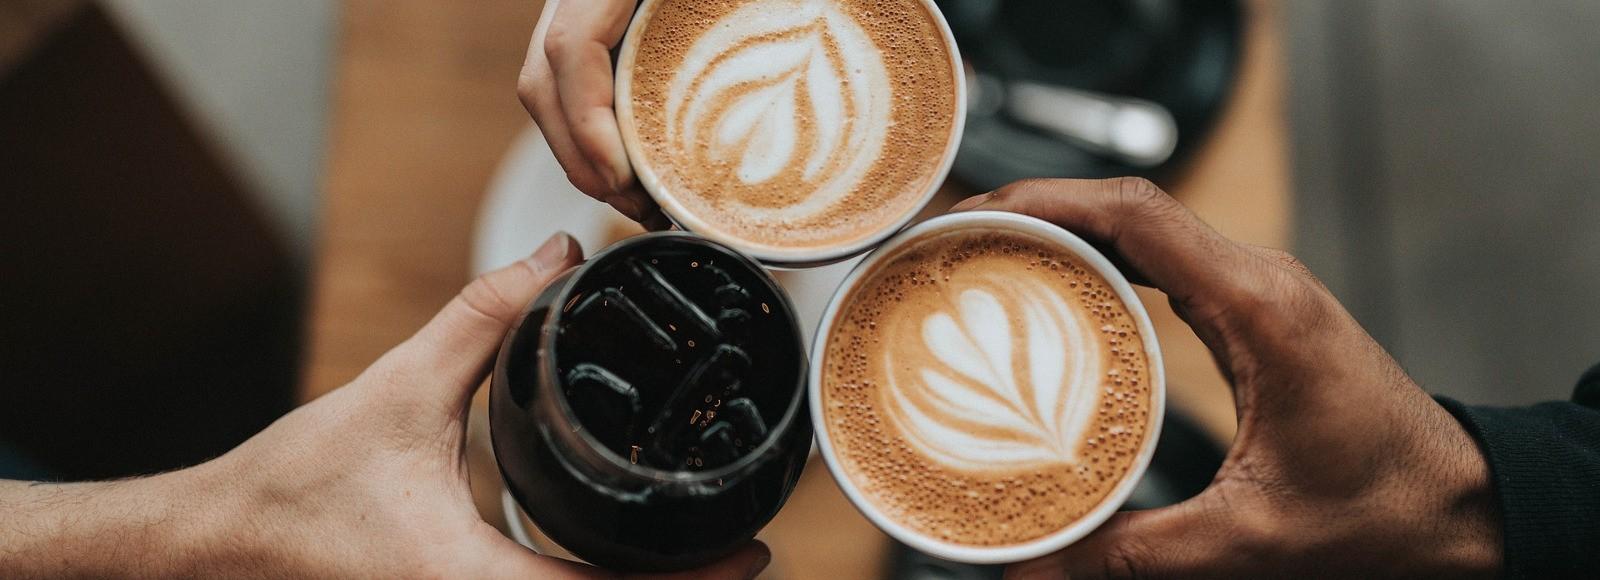 lepsze kawy i herbaty z wodą z odwróconej osmozy